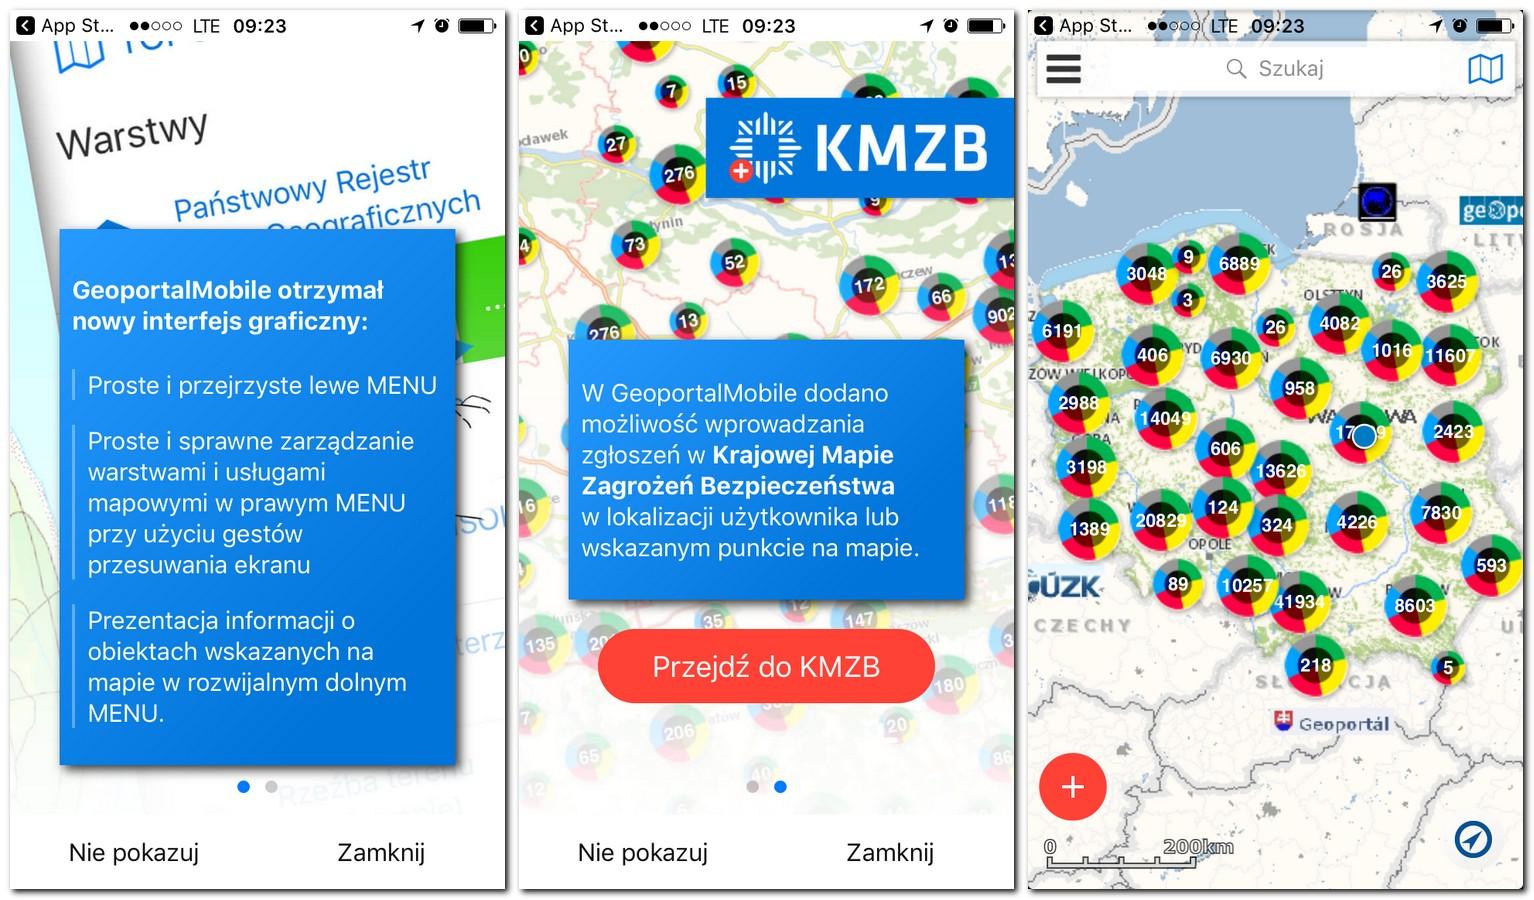 Krajowa Mapa Zagrożeń Bezpieczeństwa - nowy interfejs graficzny